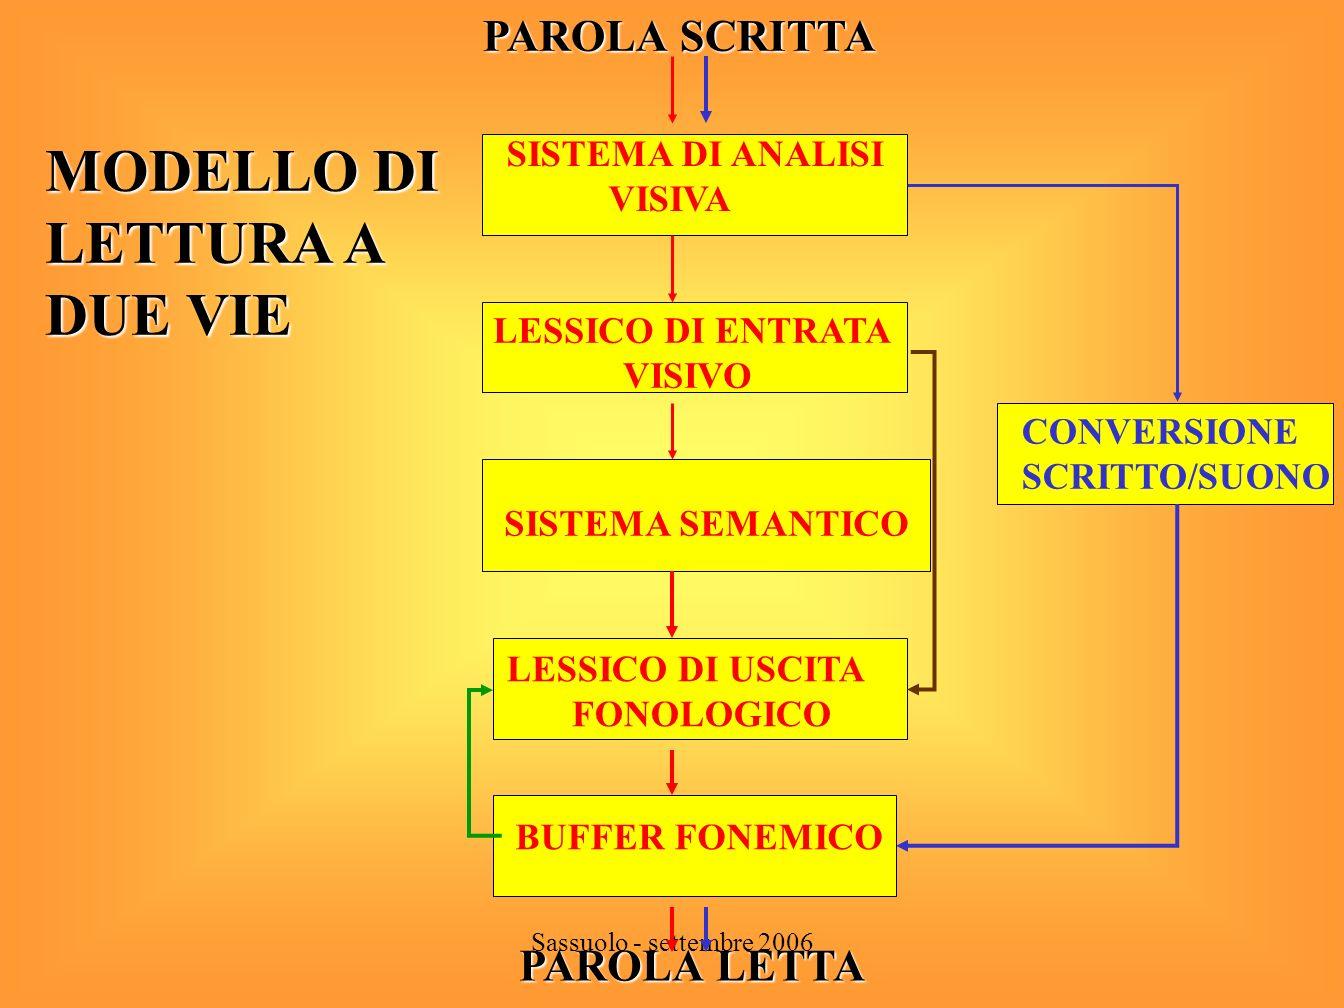 Sassuolo - settembre 2006 FASE LOGOGRAFICA FASE ALFABETICA FASE ORTOGRAFICA FASE LESSICALE Modello di apprendimento della lingua scritta Legge e scrive parole in modo globale.